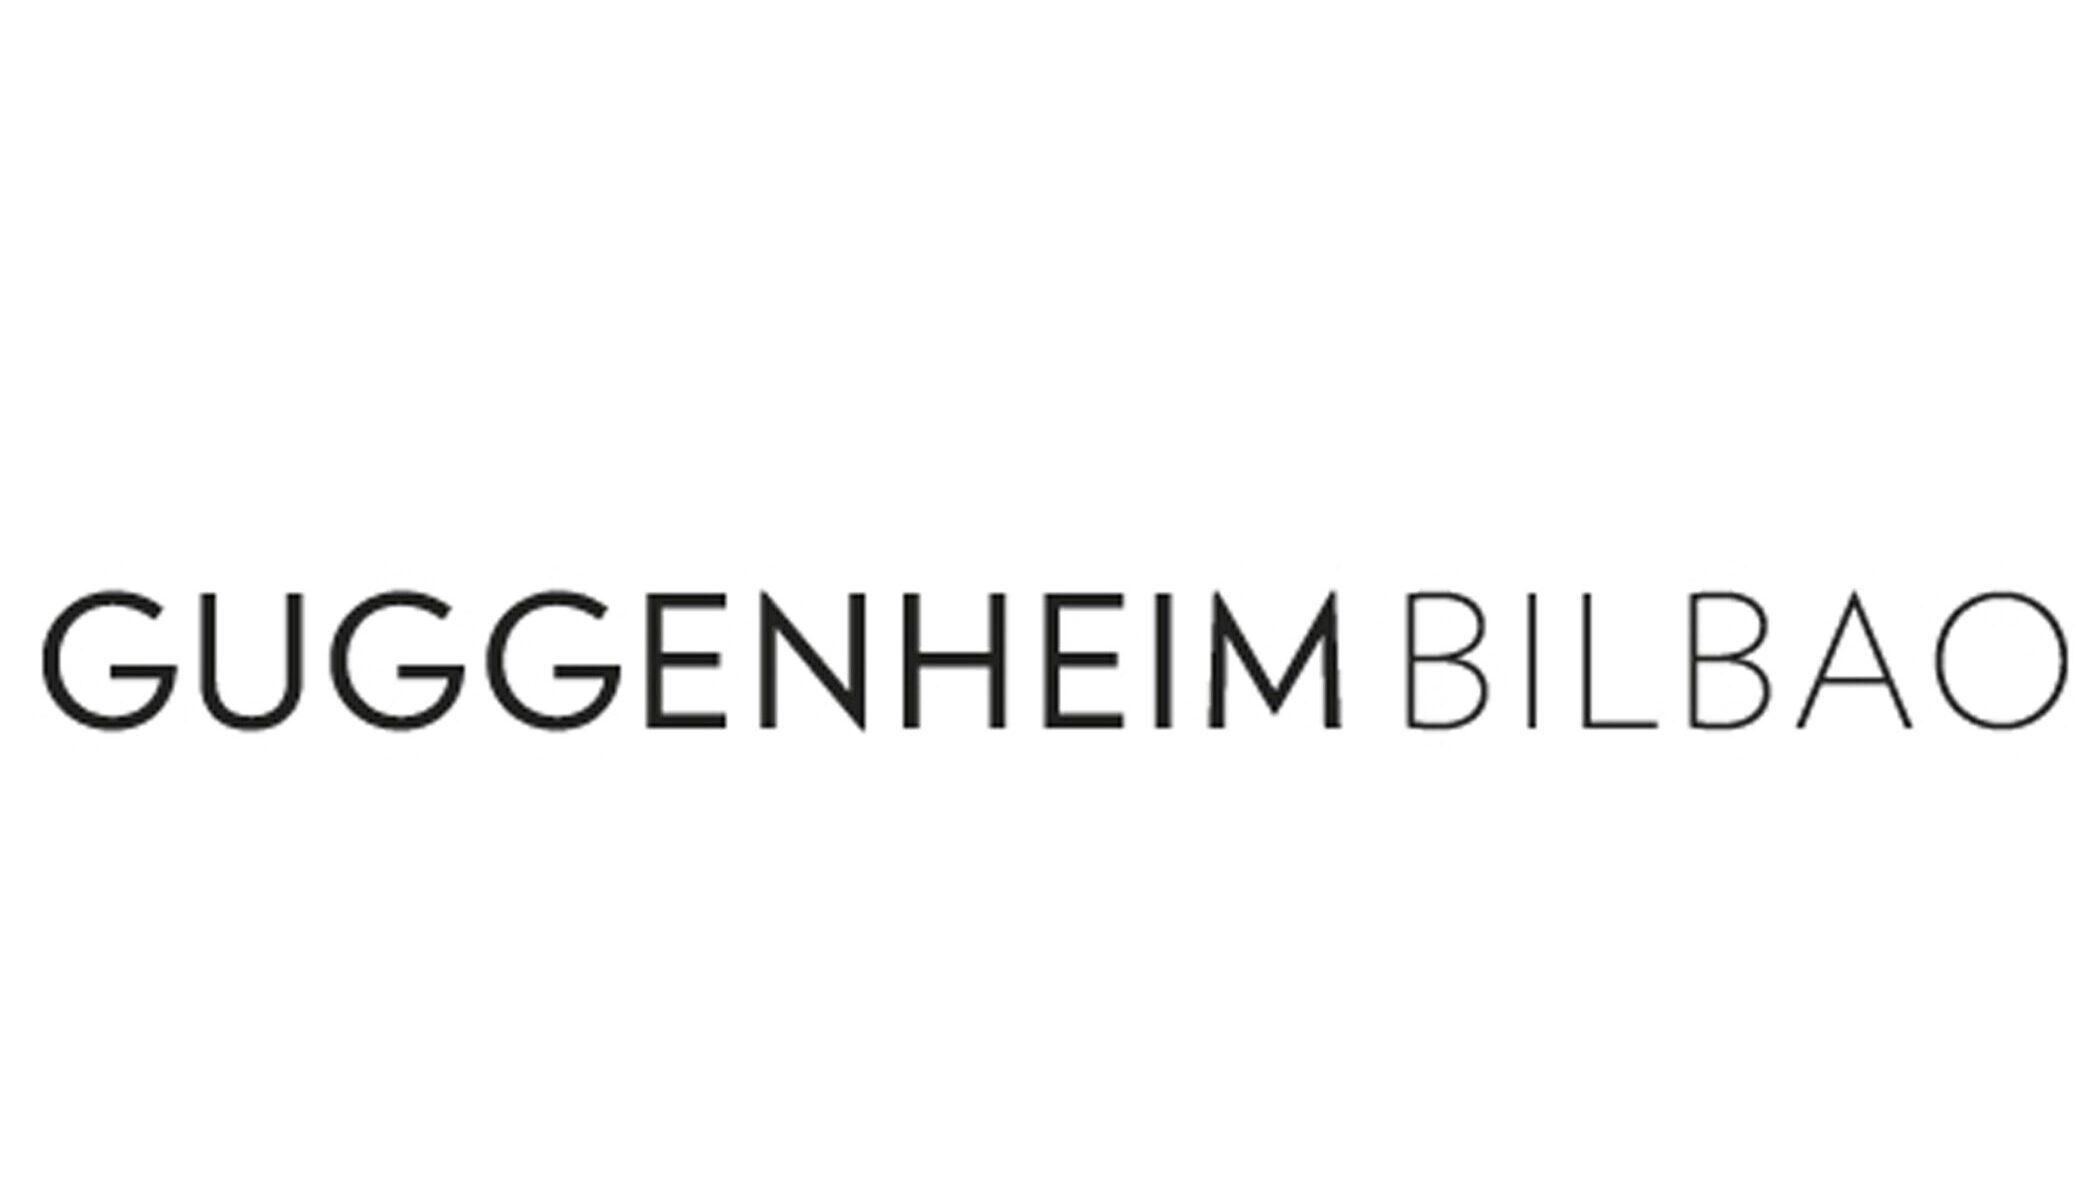 logotipo museo guggenheim